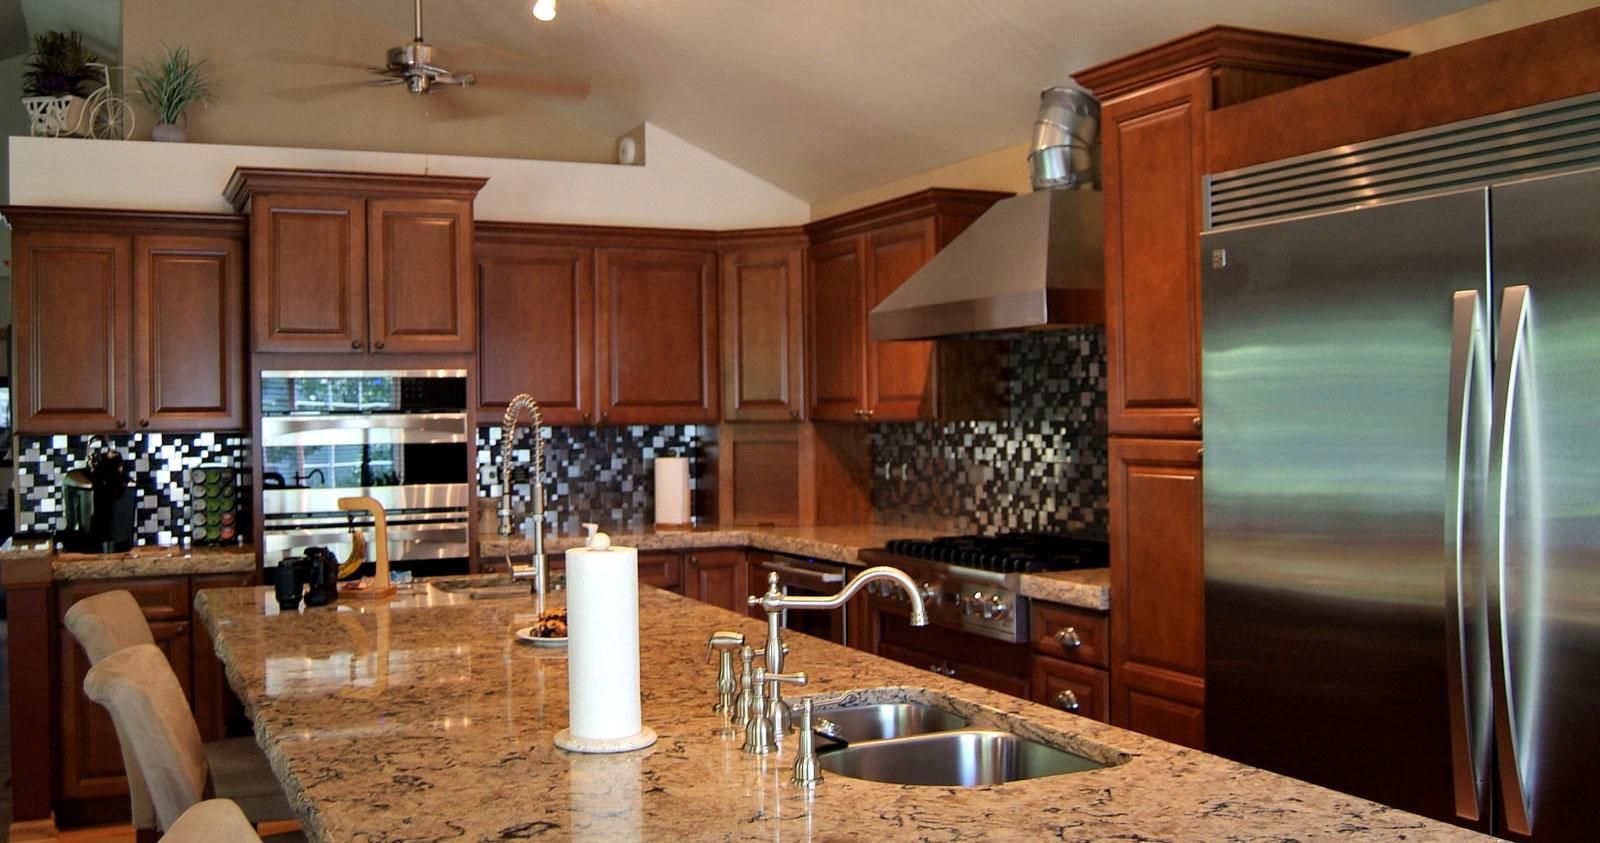 centurymosaic-Home-Kitchen-Design-1